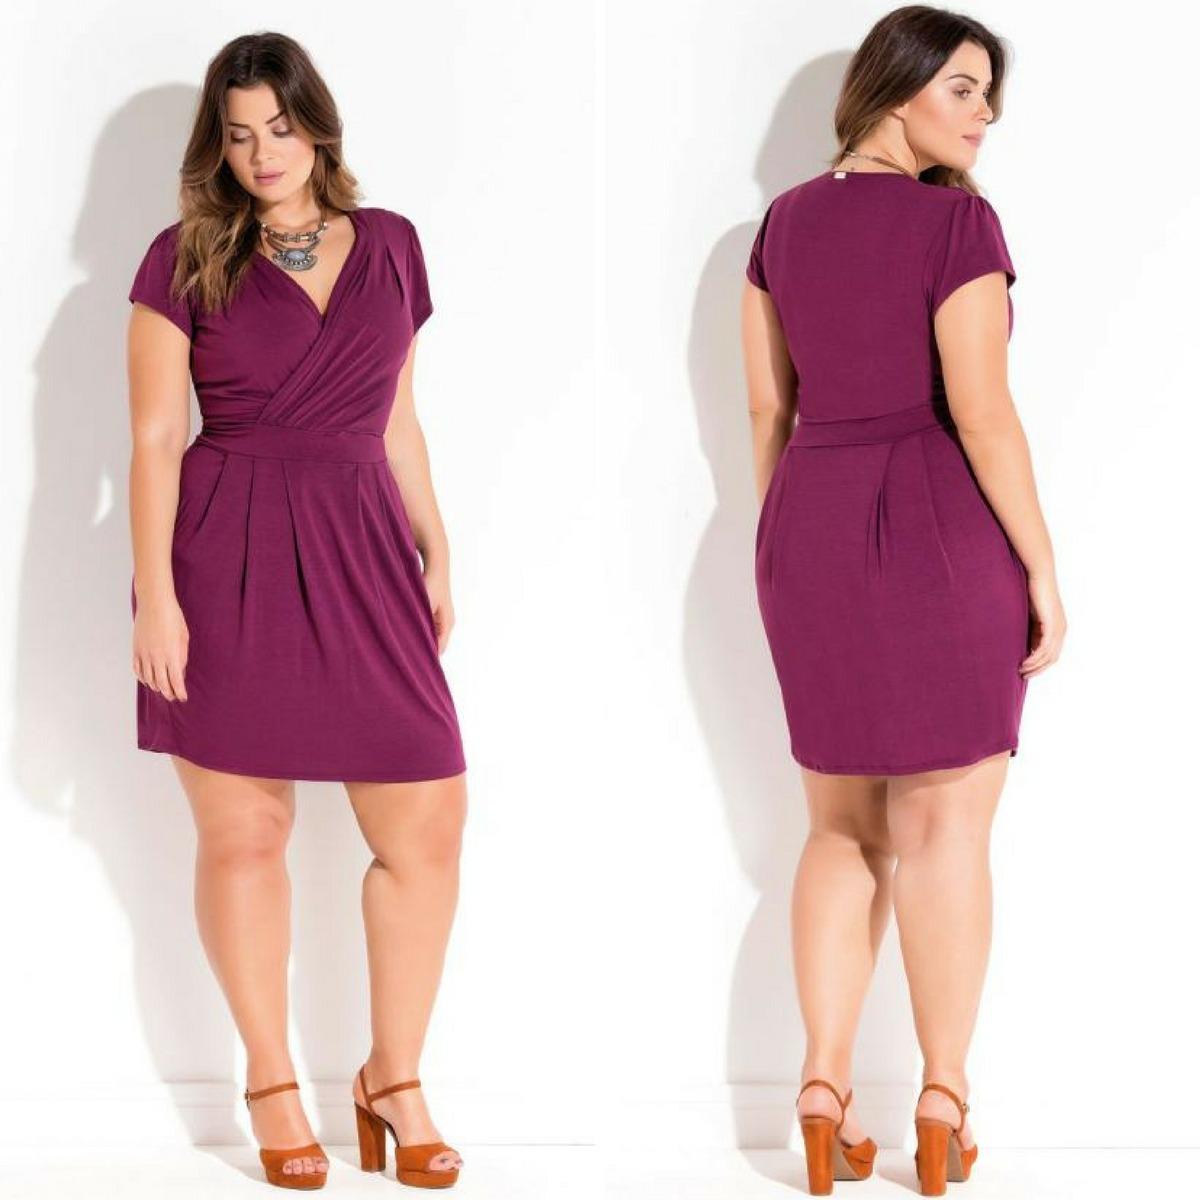 0d8cd0d4e vestido curto gordinha plus size poderosa elegante de luxo. Carregando zoom.